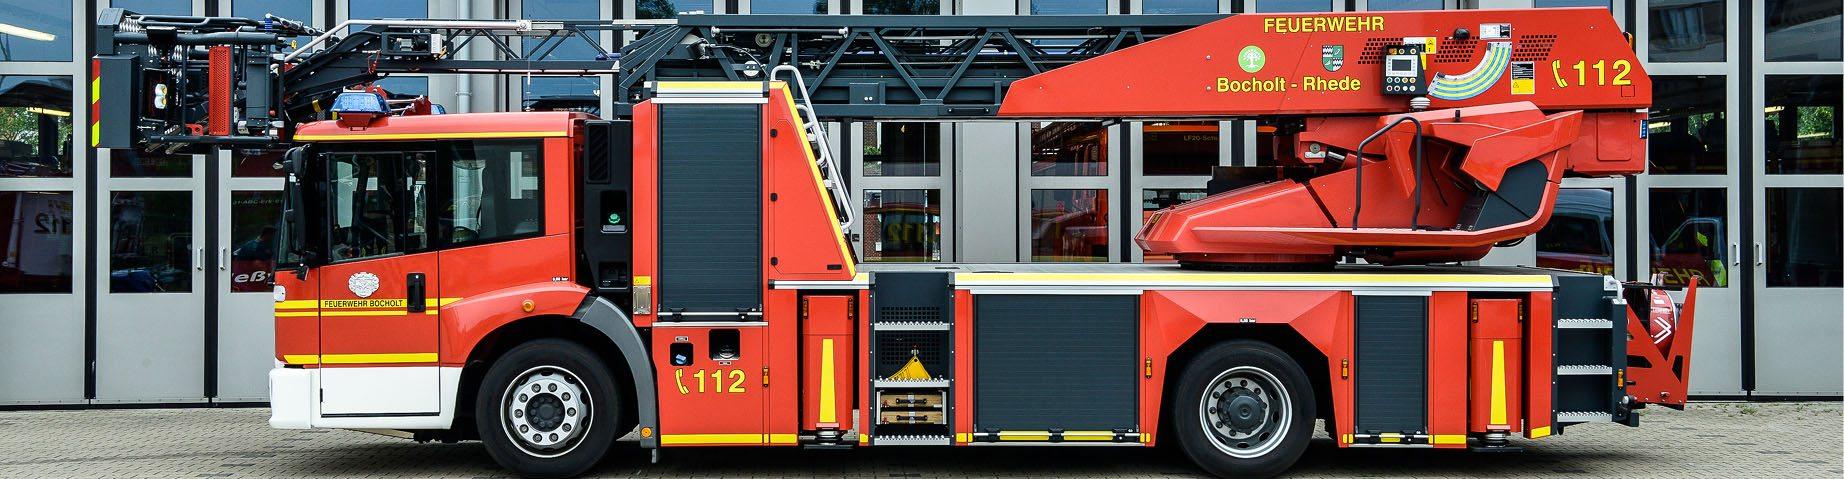 Ein Löschfahrzeug der Freiwilligen Feuerwehr.